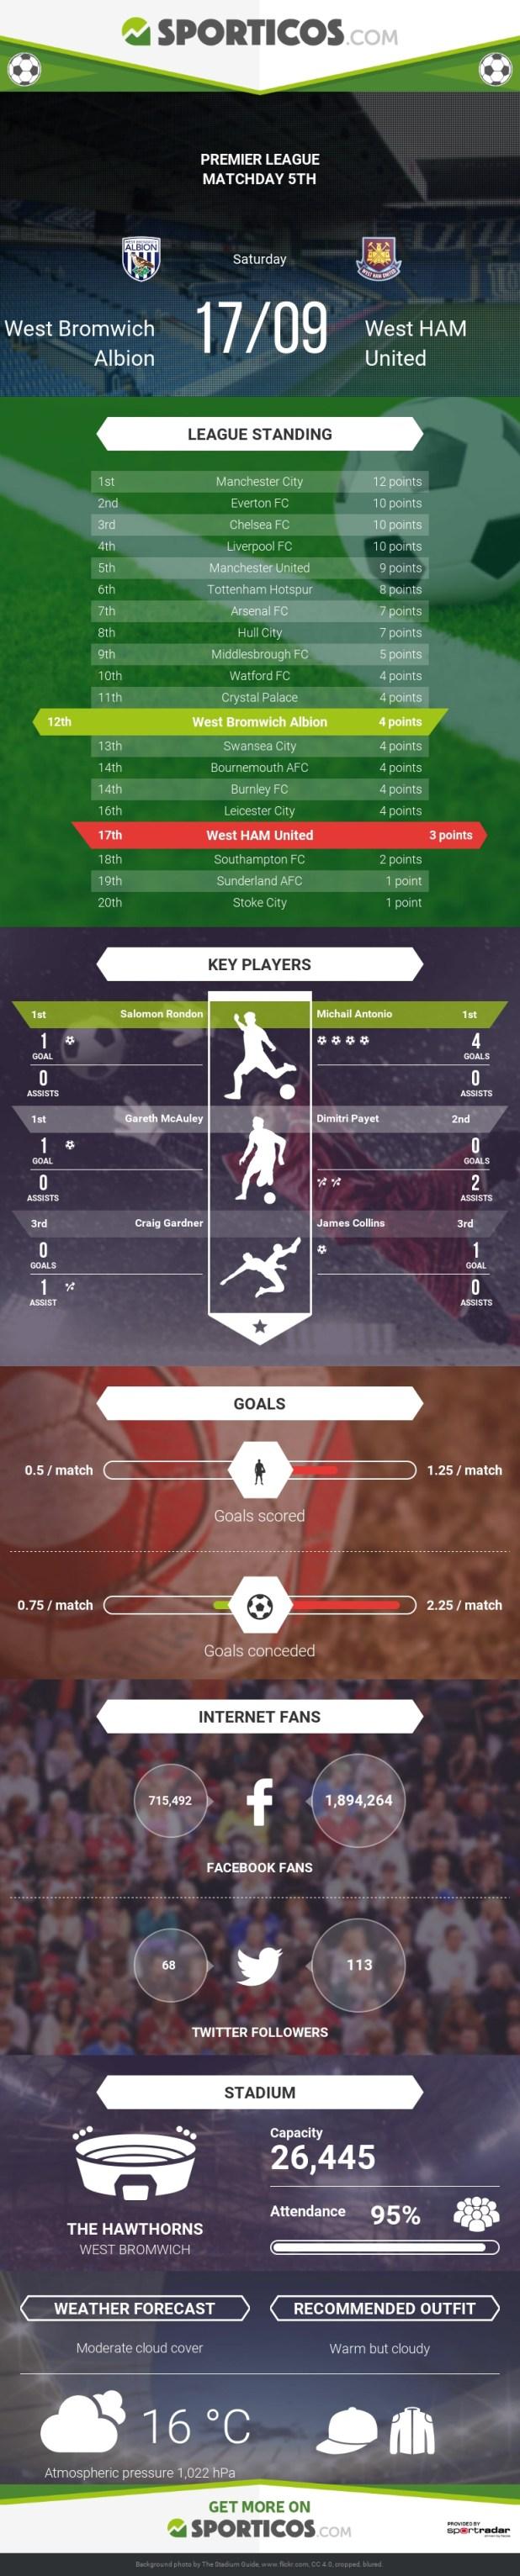 infographic_en_247755__7701